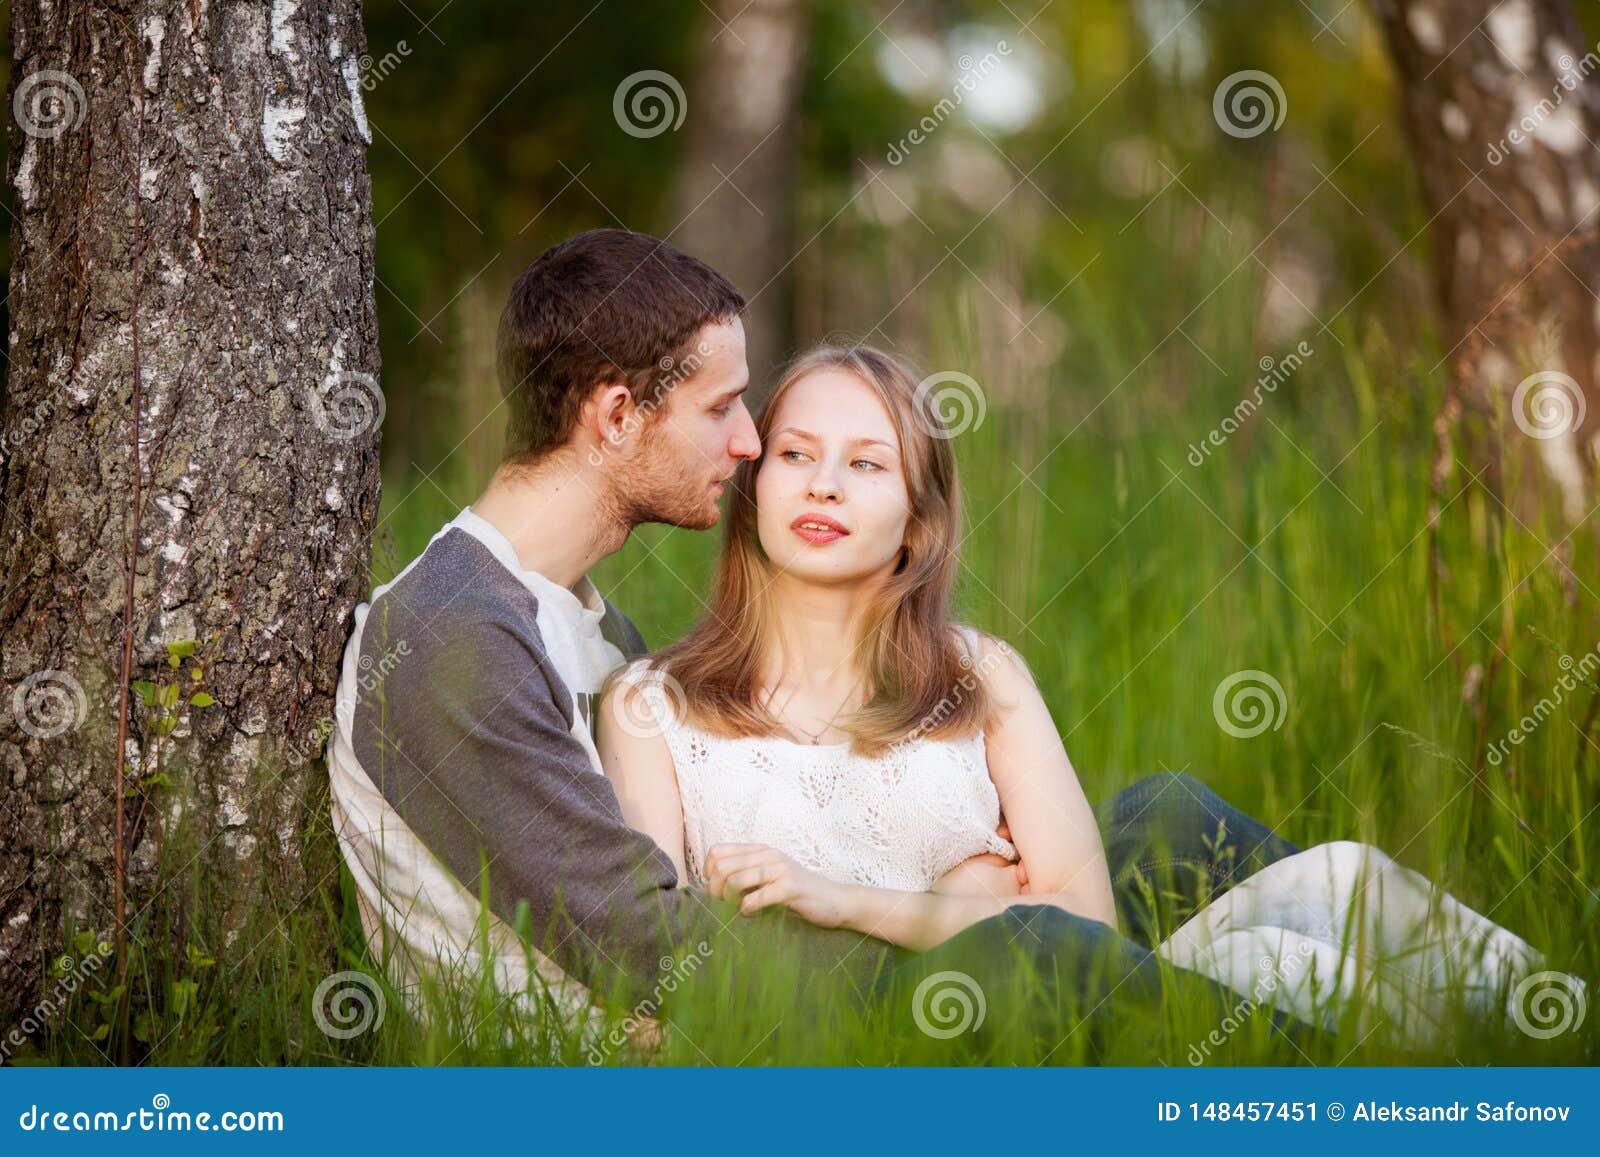 Amantes felizes que abra?am no bosque do vidoeiro